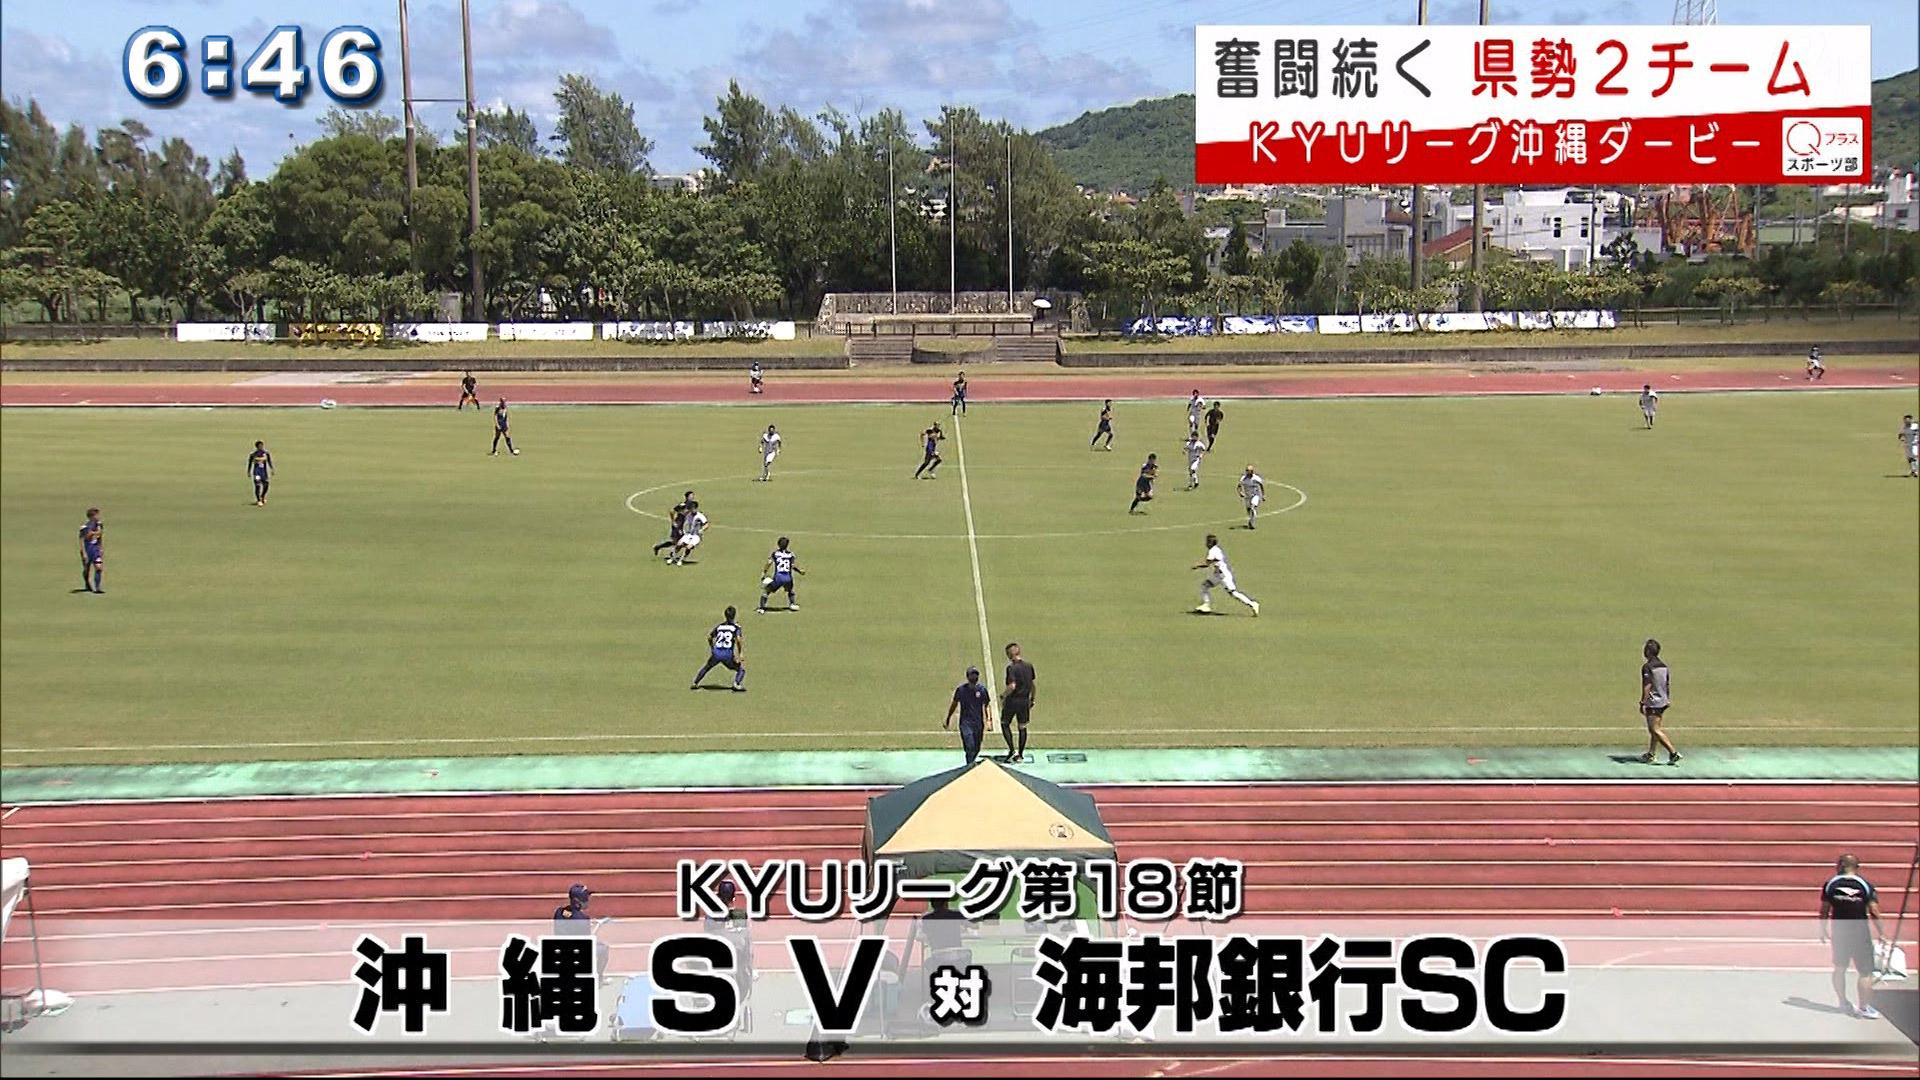 サッカーKYUリーグ県勢対決 沖縄SV対海銀SC